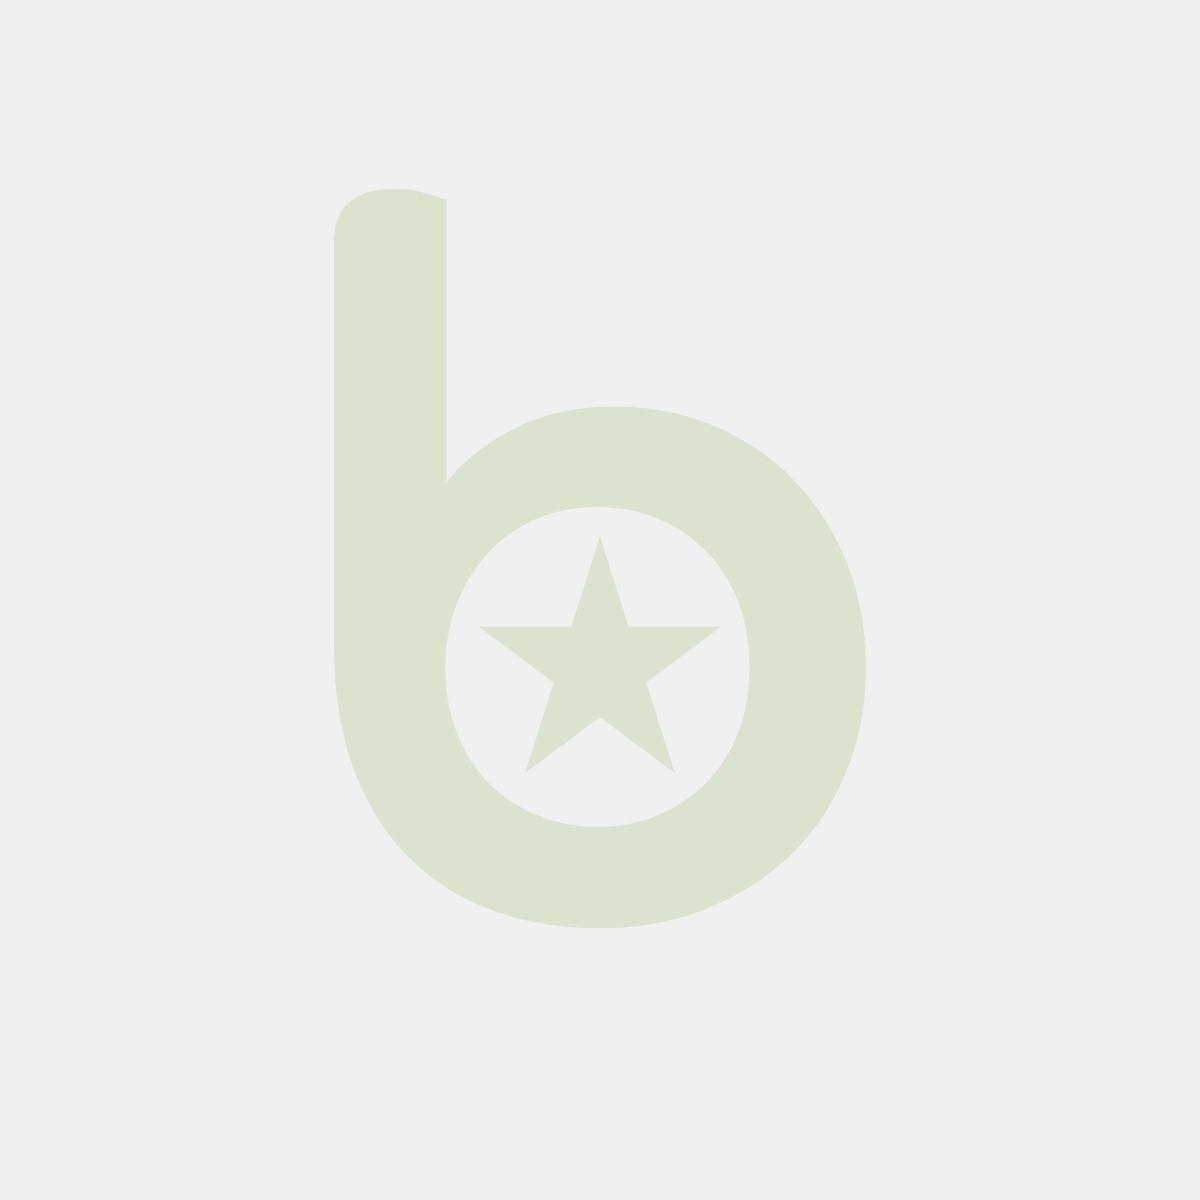 Teczka-pudełko DONAU, PP, A4/5cm, z rączką i zamkiem, czarna